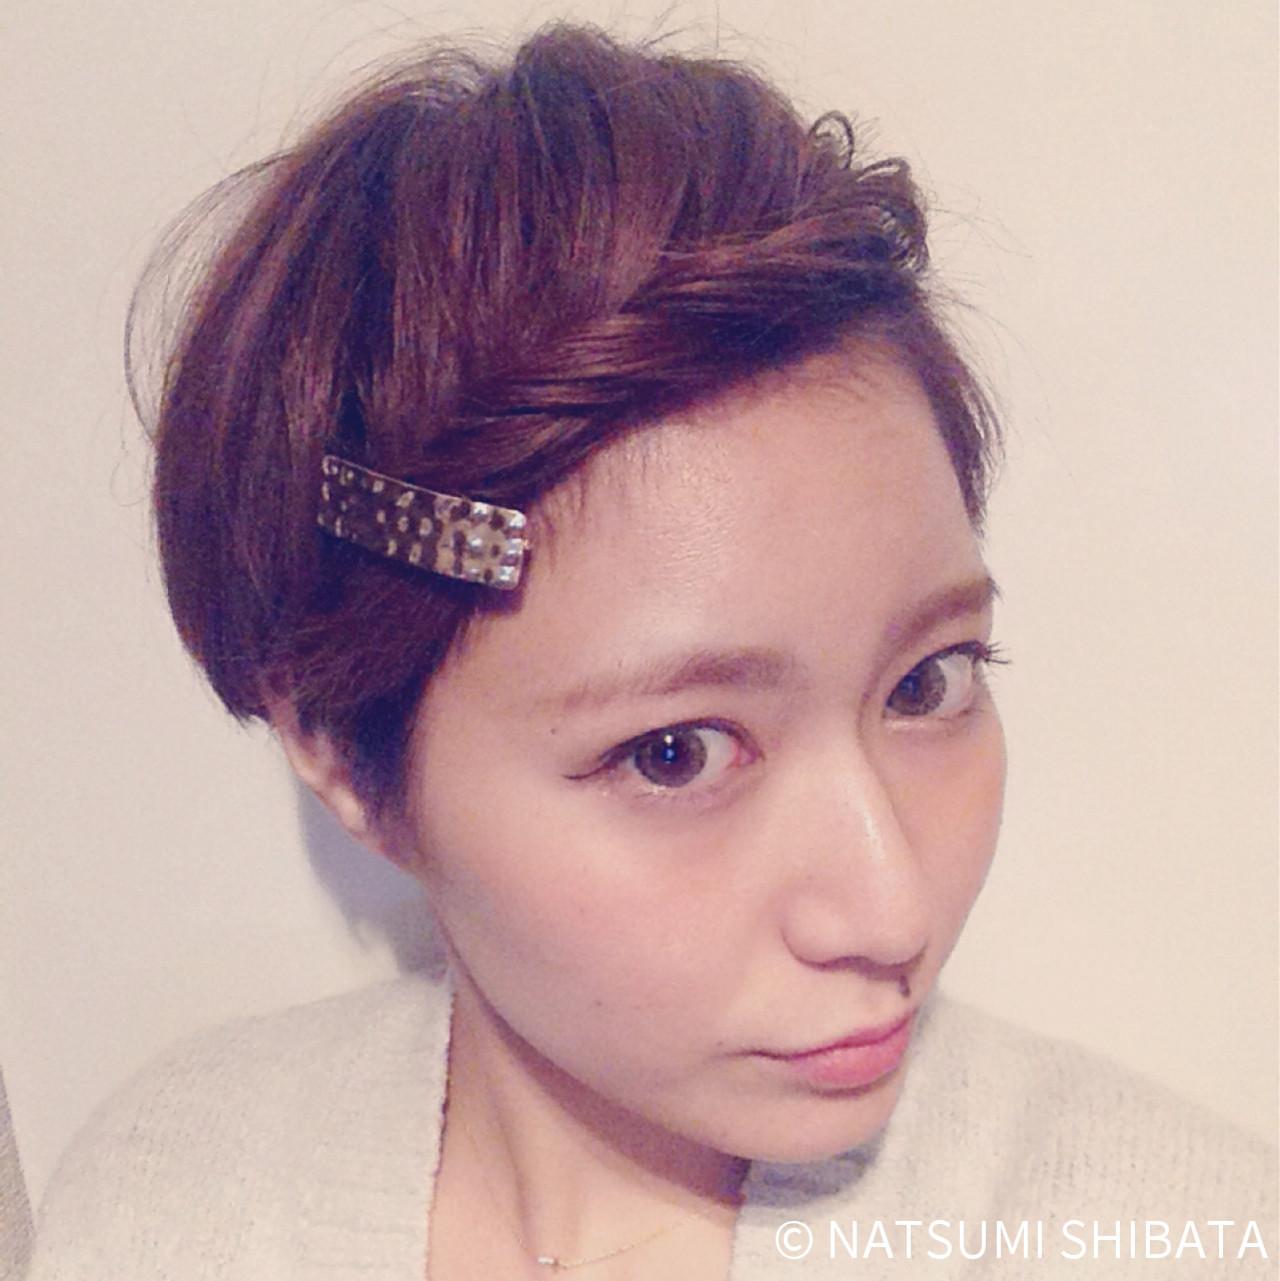 パーティーヘアだってセルフが常識♡自分でできるヘアセット NATSUMI SHIBATA | ALBUM